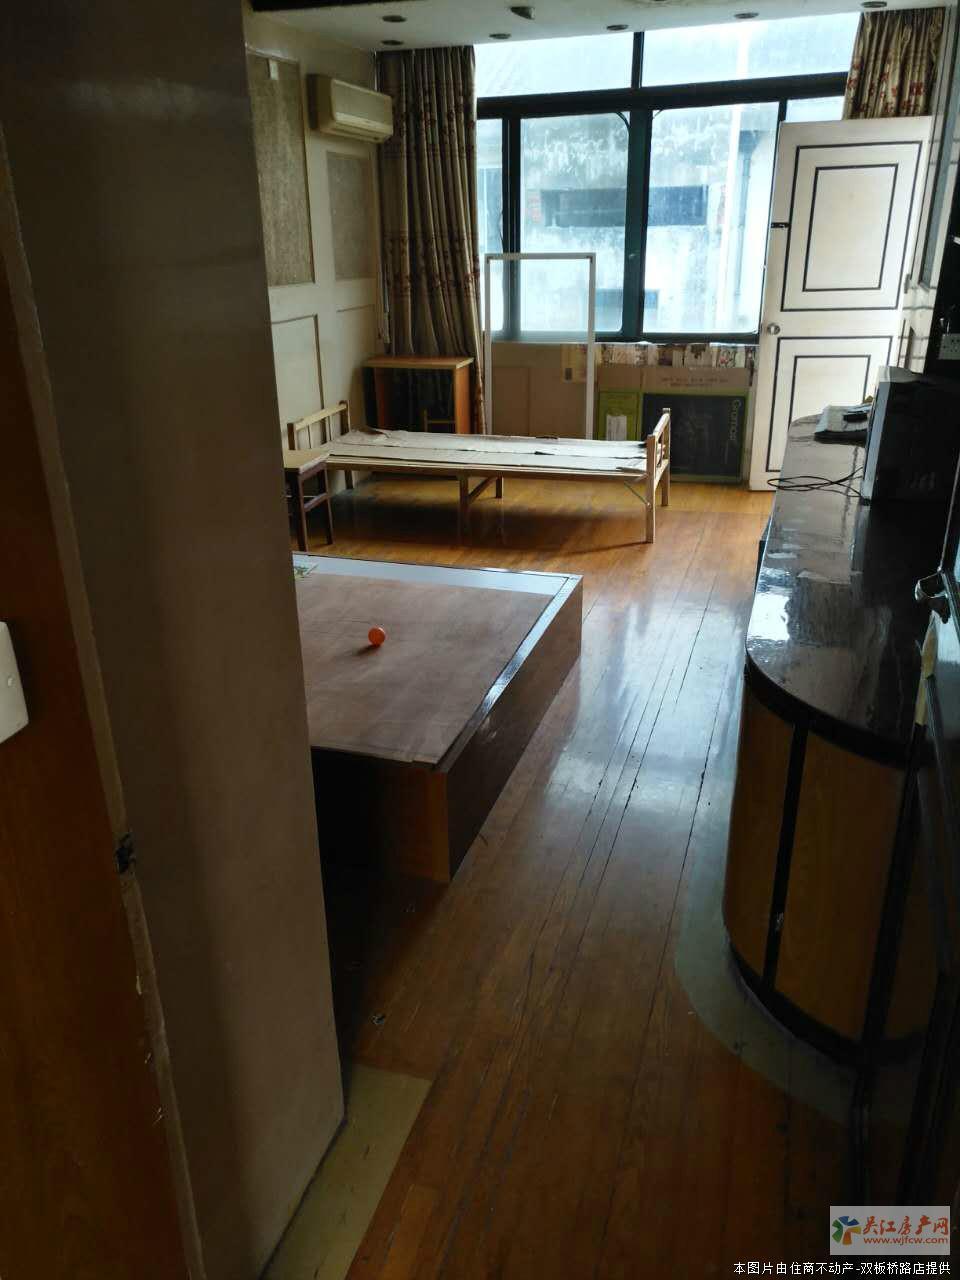 z松陵卫生院旁边 2房 2空调 家电齐全 装修清爽 拎包入住真实房源 看房随时